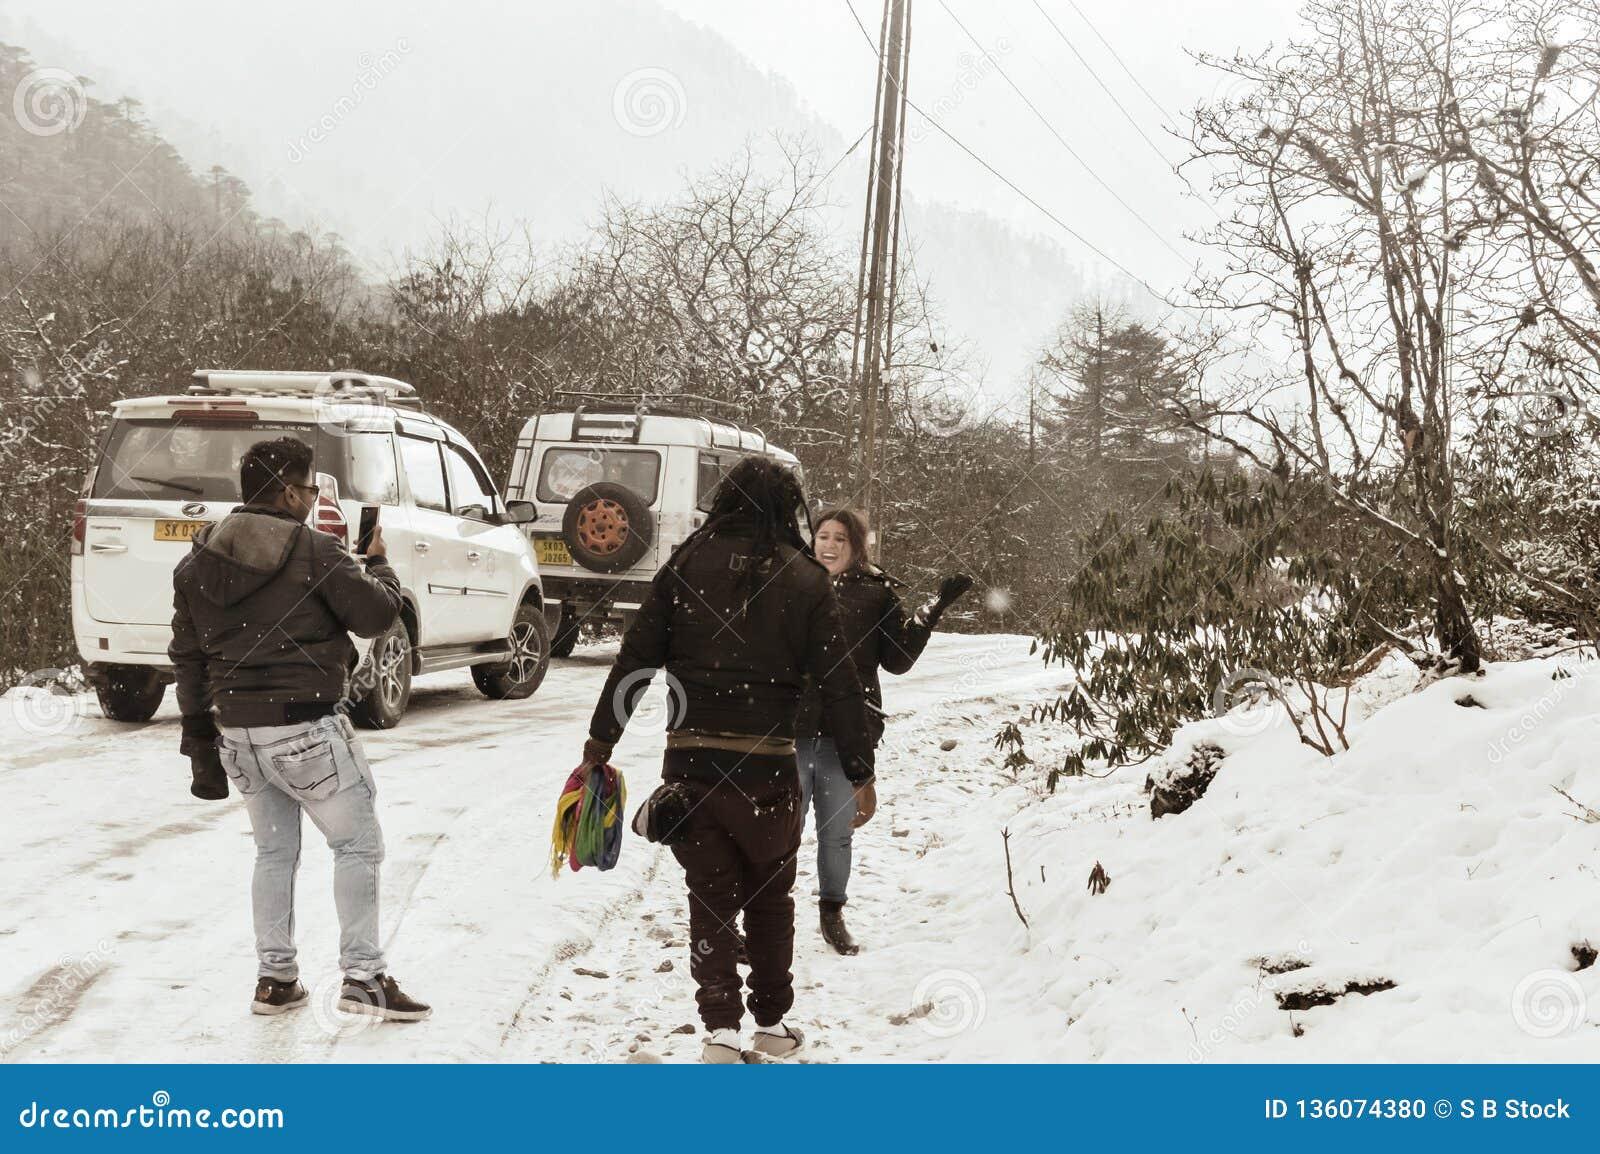 Yumthang dolina, Sikkim, India 1st 2019 Styczeń: Grupa turysta w zimie odziewa cieszyć się śnieg przy opad śniegu na dniu z ciężk